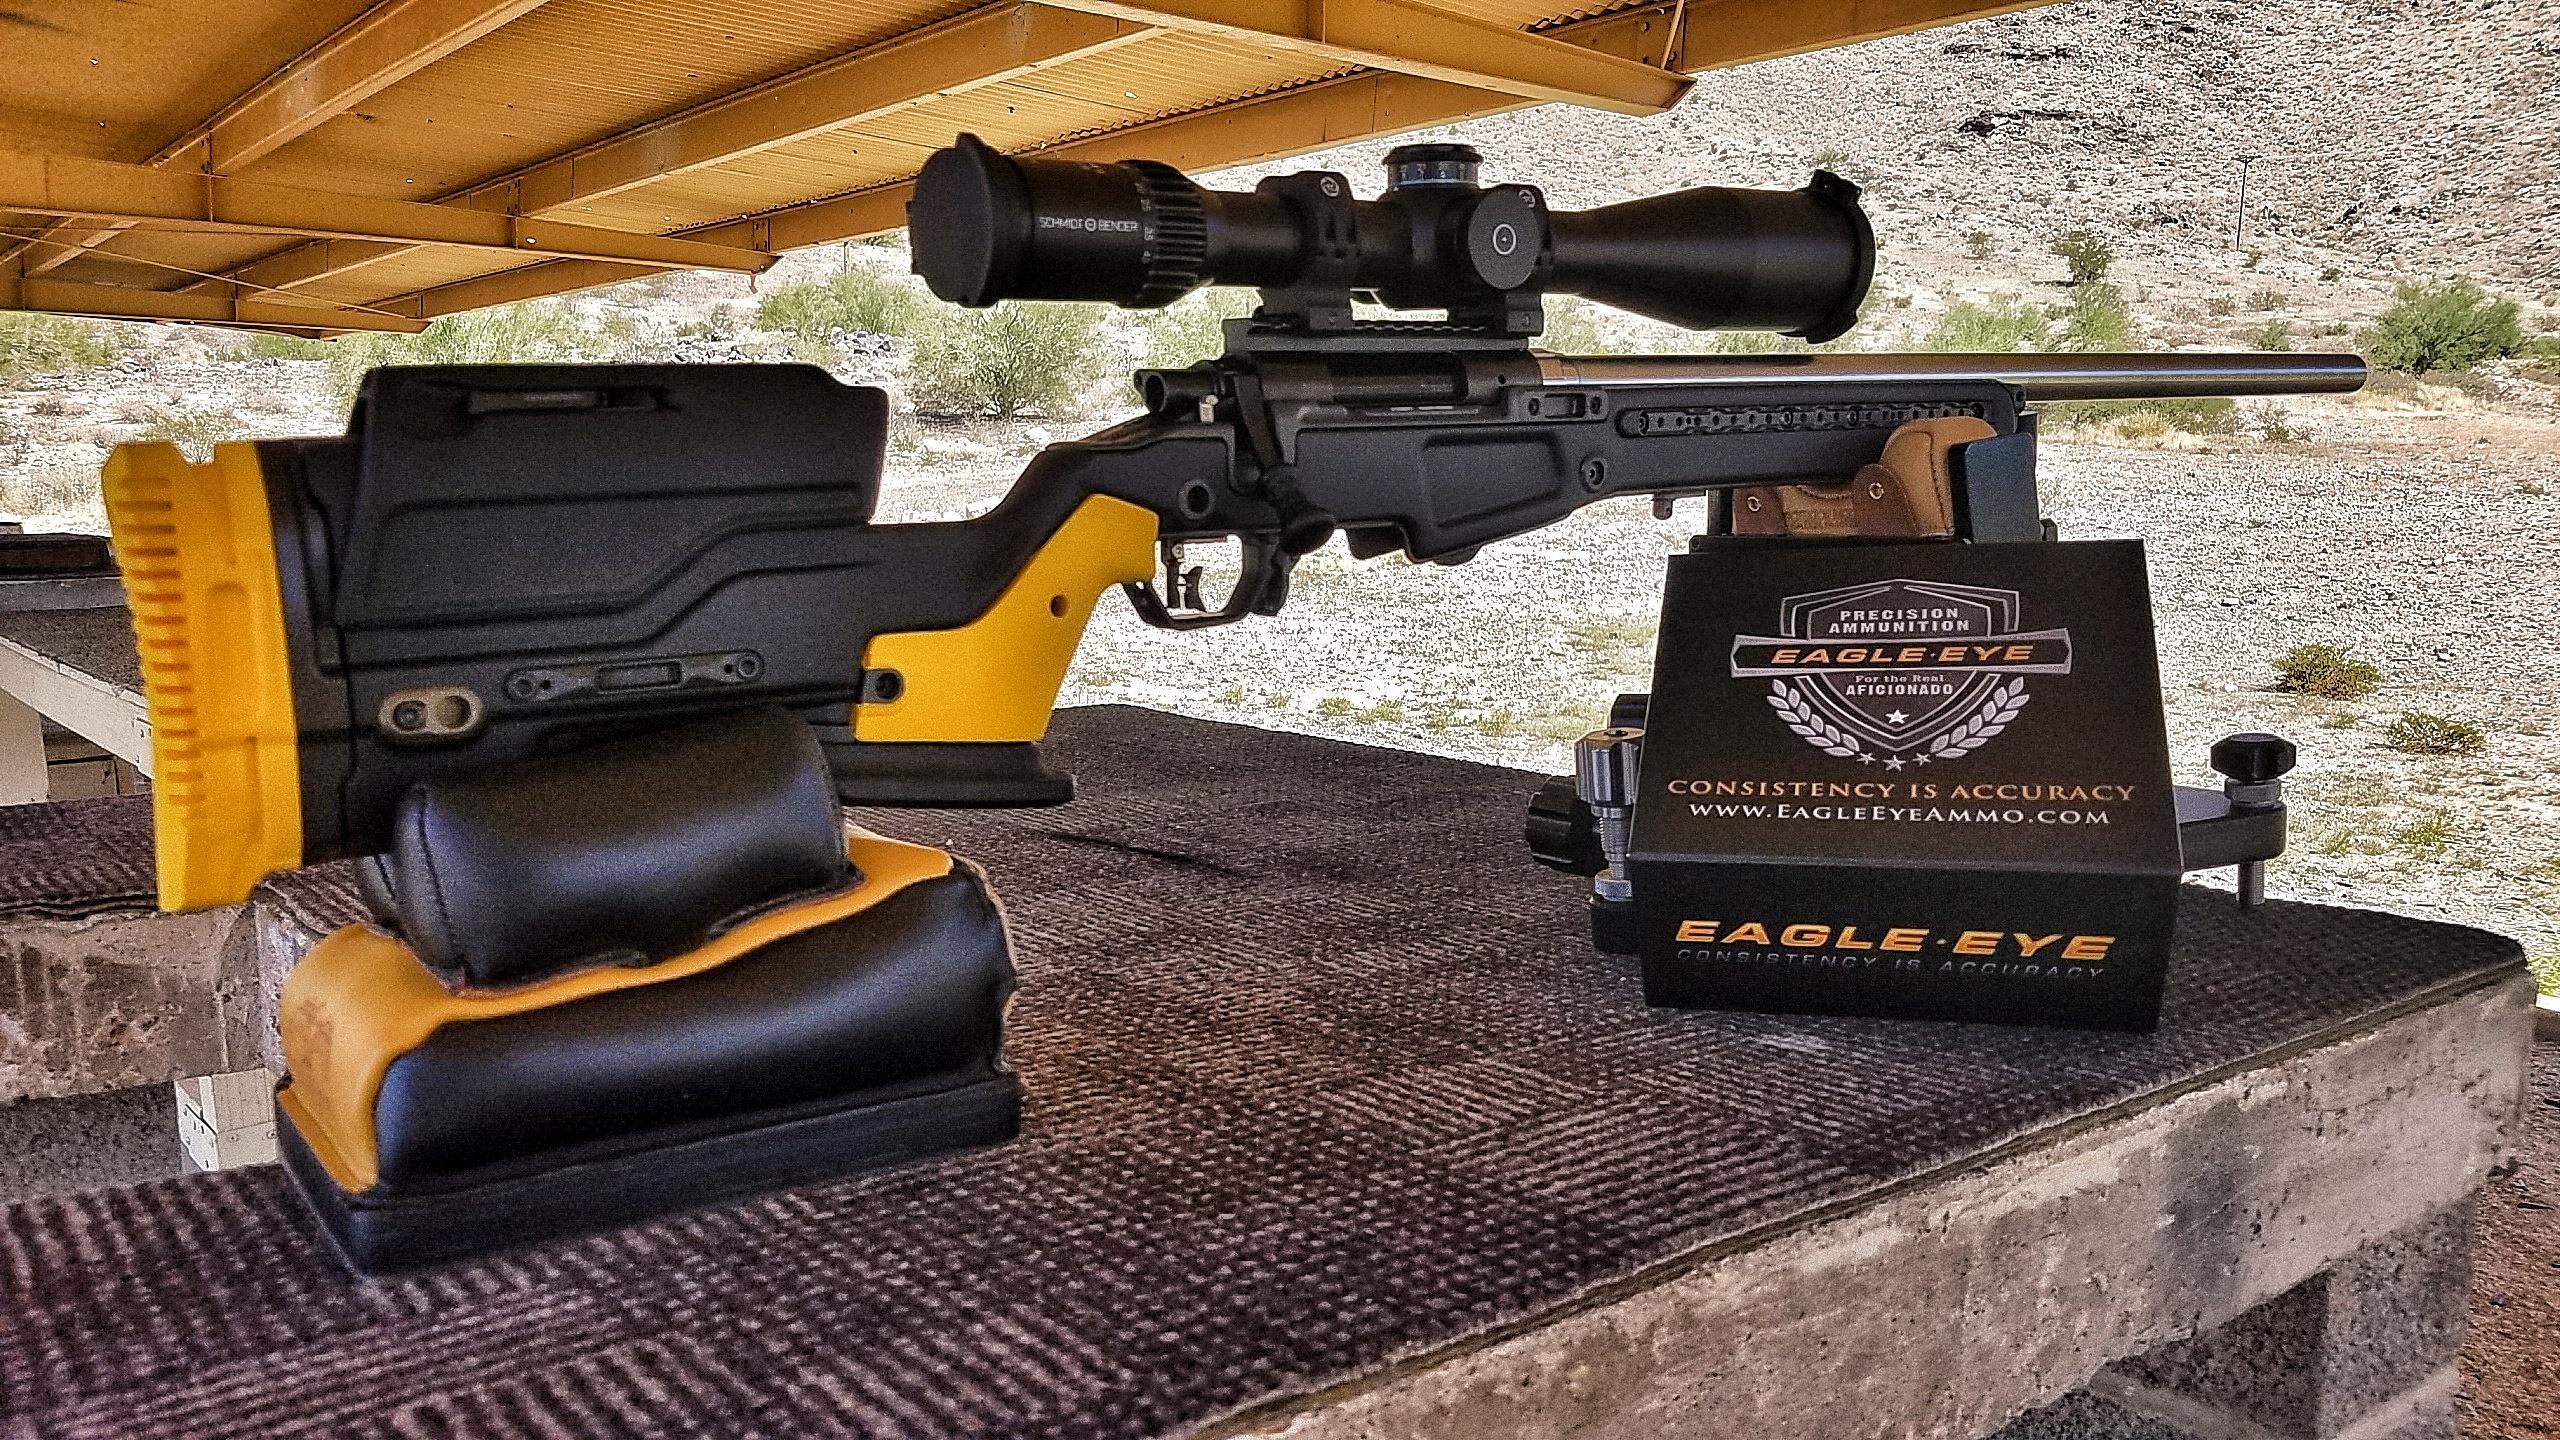 eagle-eye-custom-rifle-j-allen-chassis.jpeg